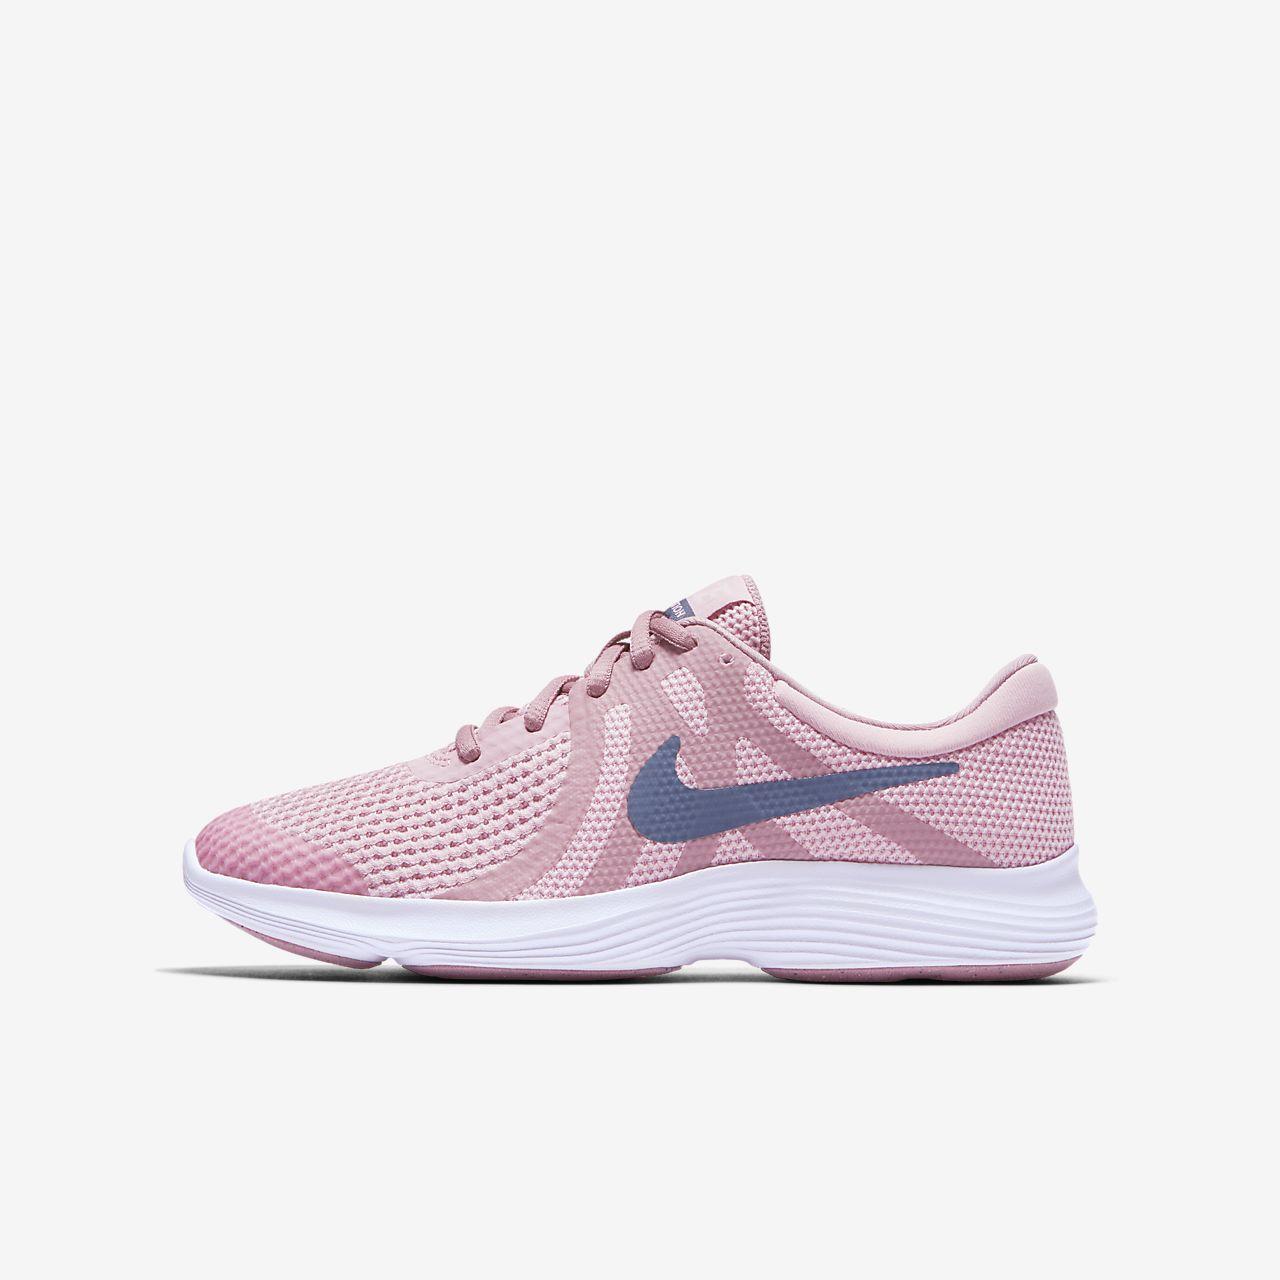 big sale 85b4e db2fa Nike Revolution 4 Zapatillas de running - Niño a